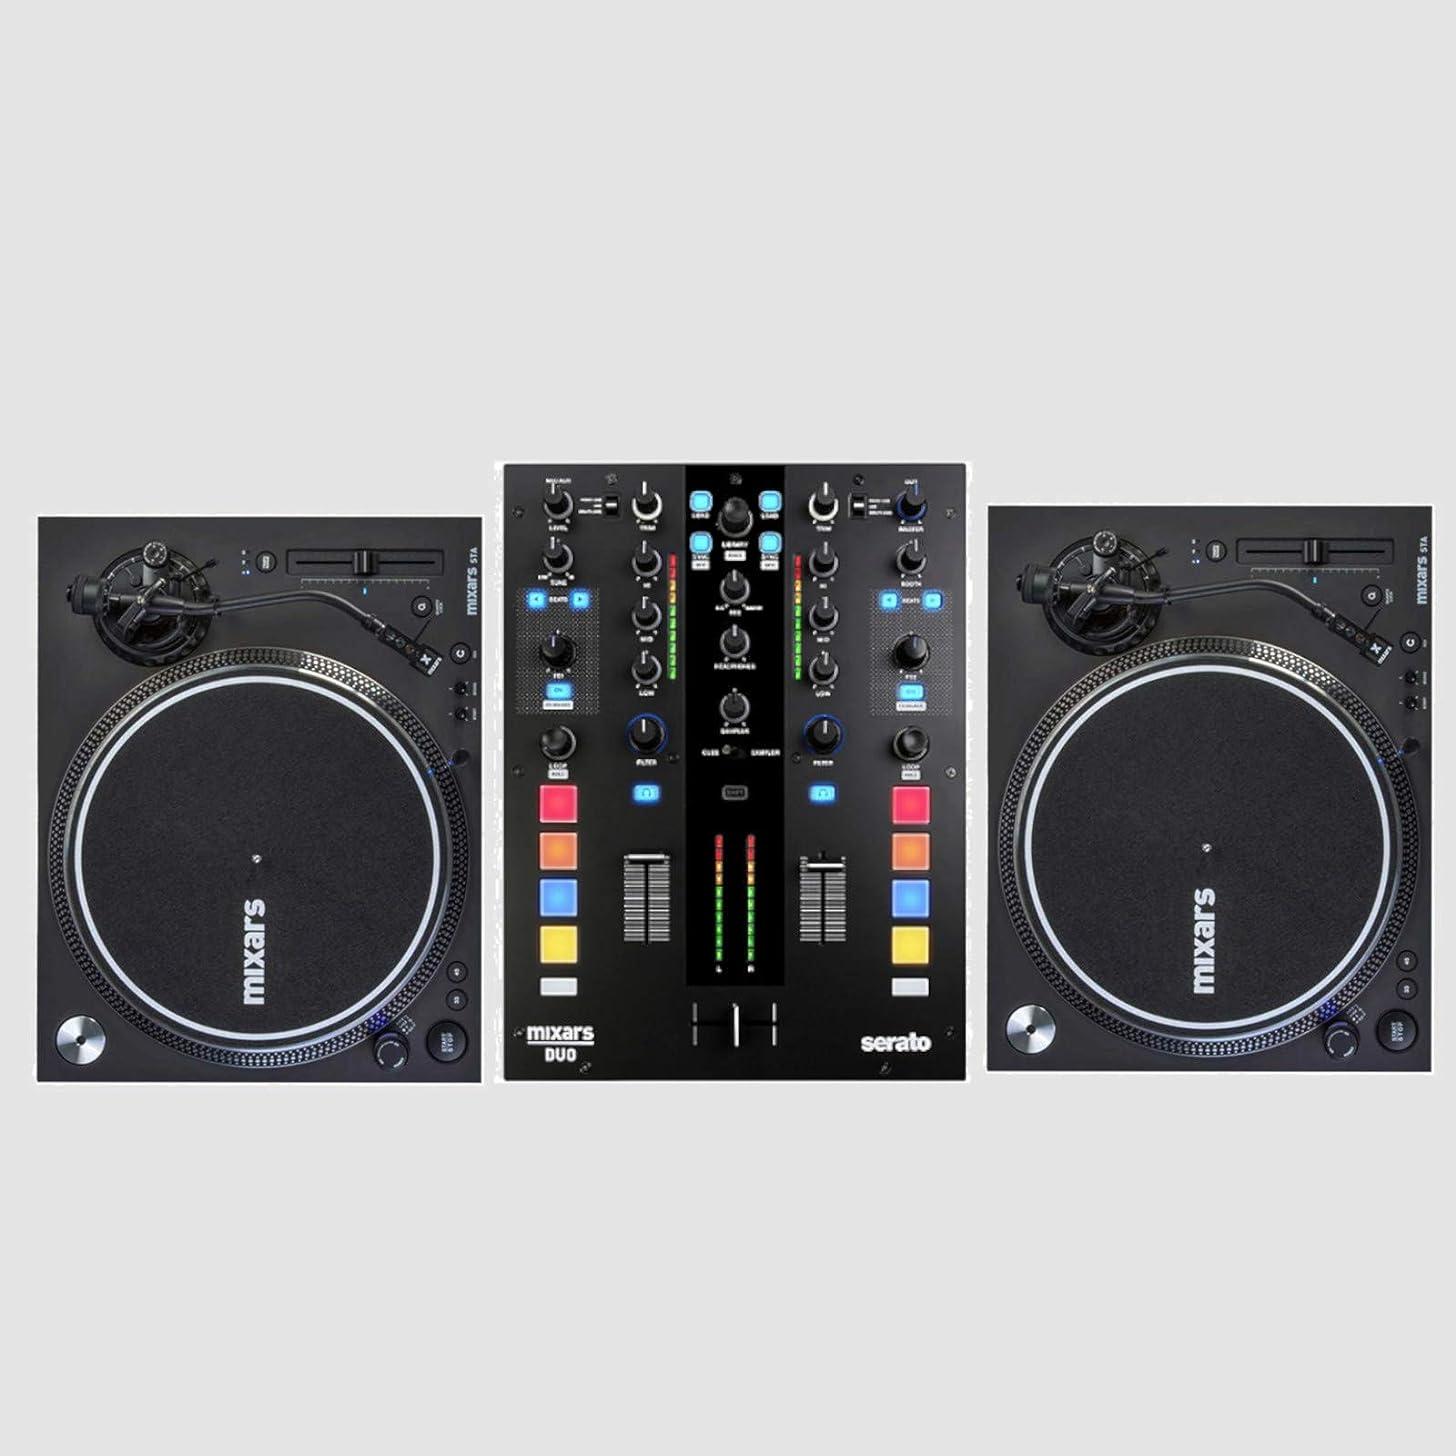 Mixars Bundle w/Mixars Duo MK2 And 2 Mixars STA Turntables